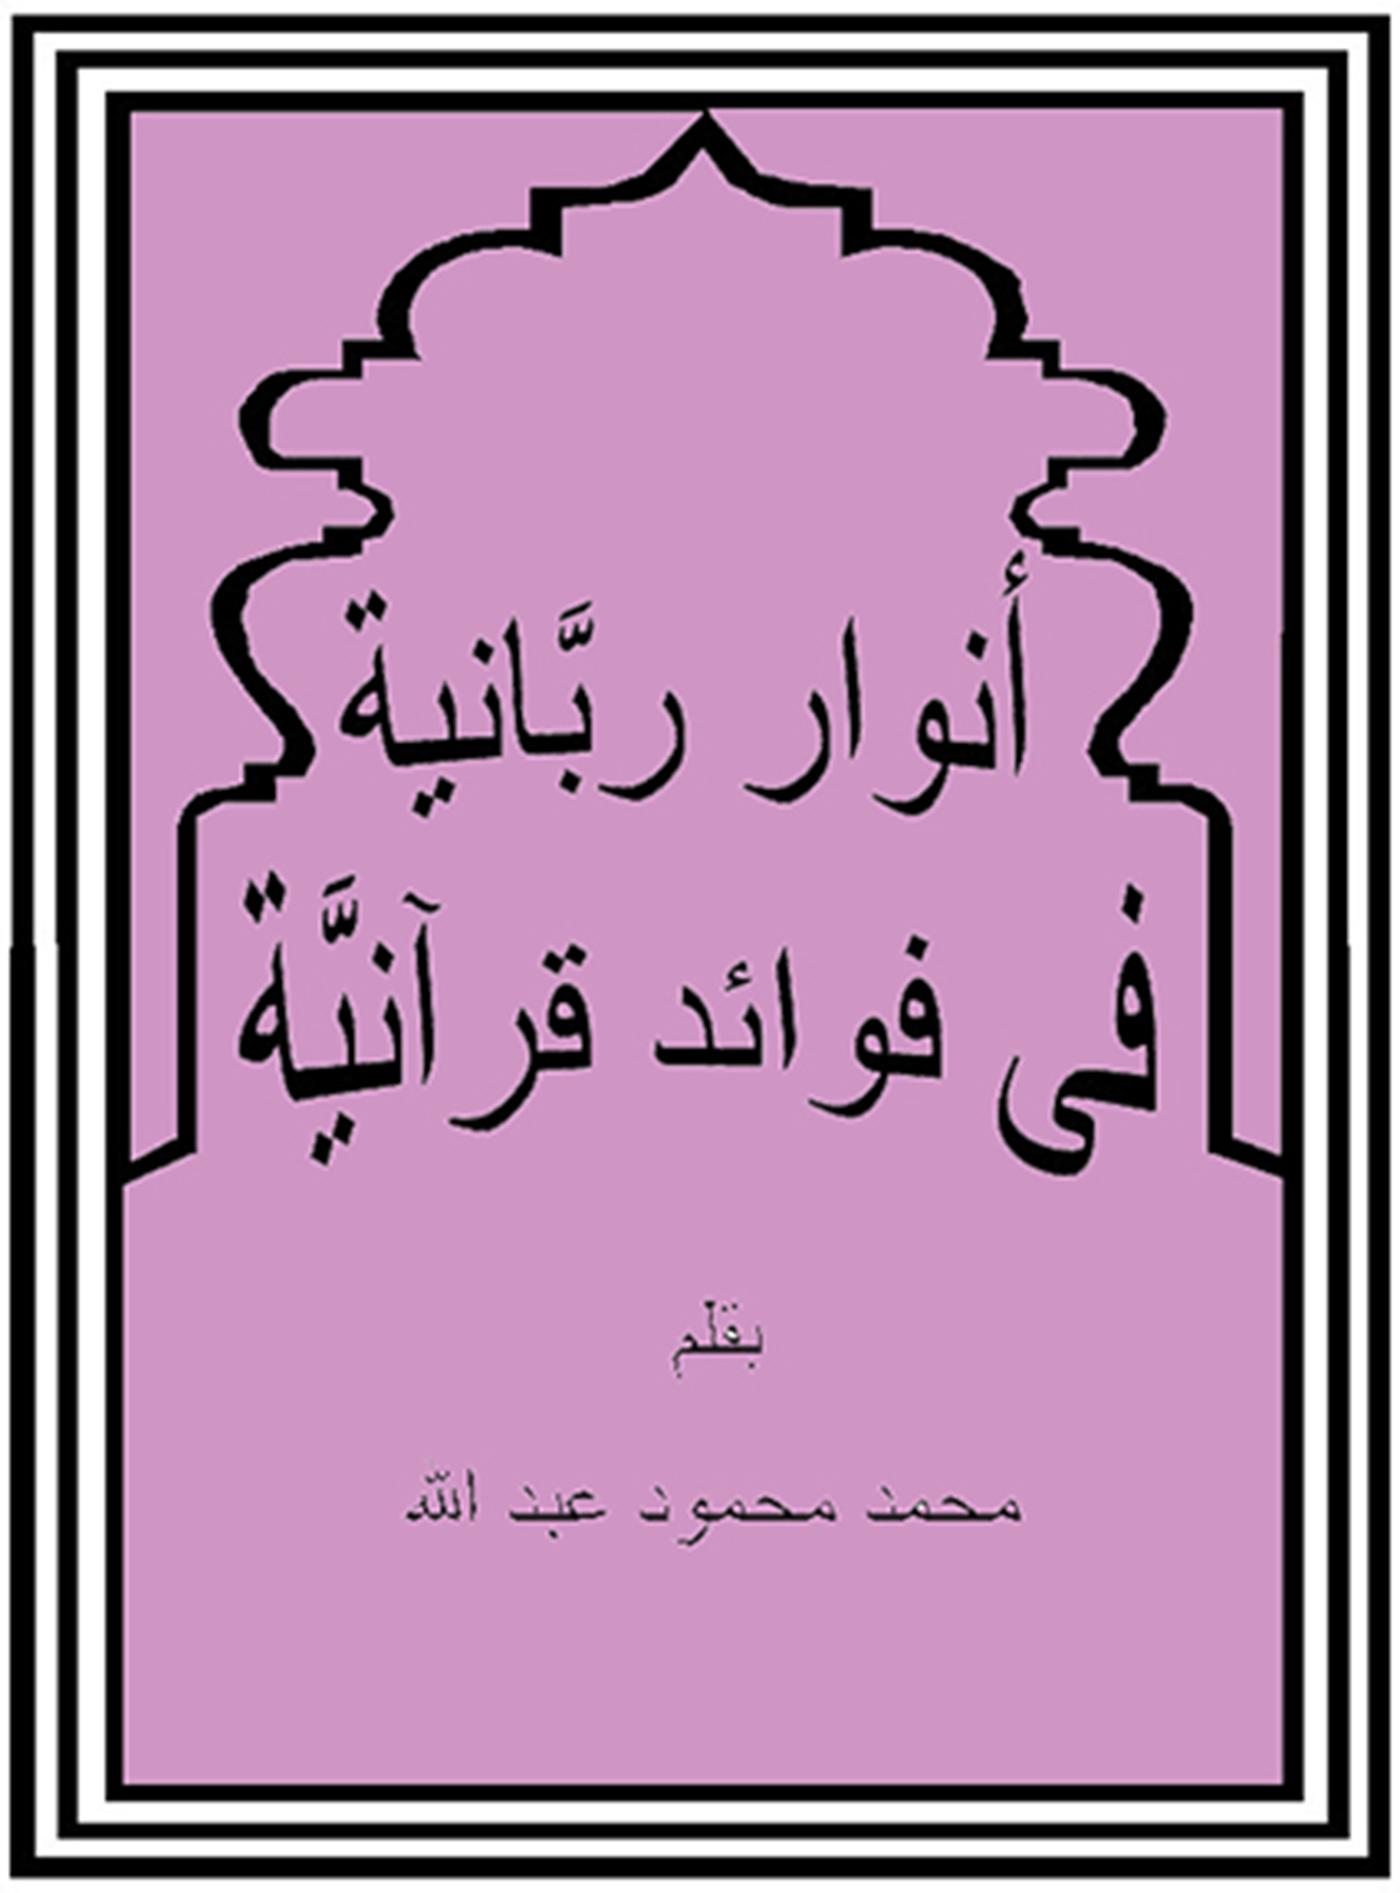 أنوار ربانية فى فوائد قرآنية